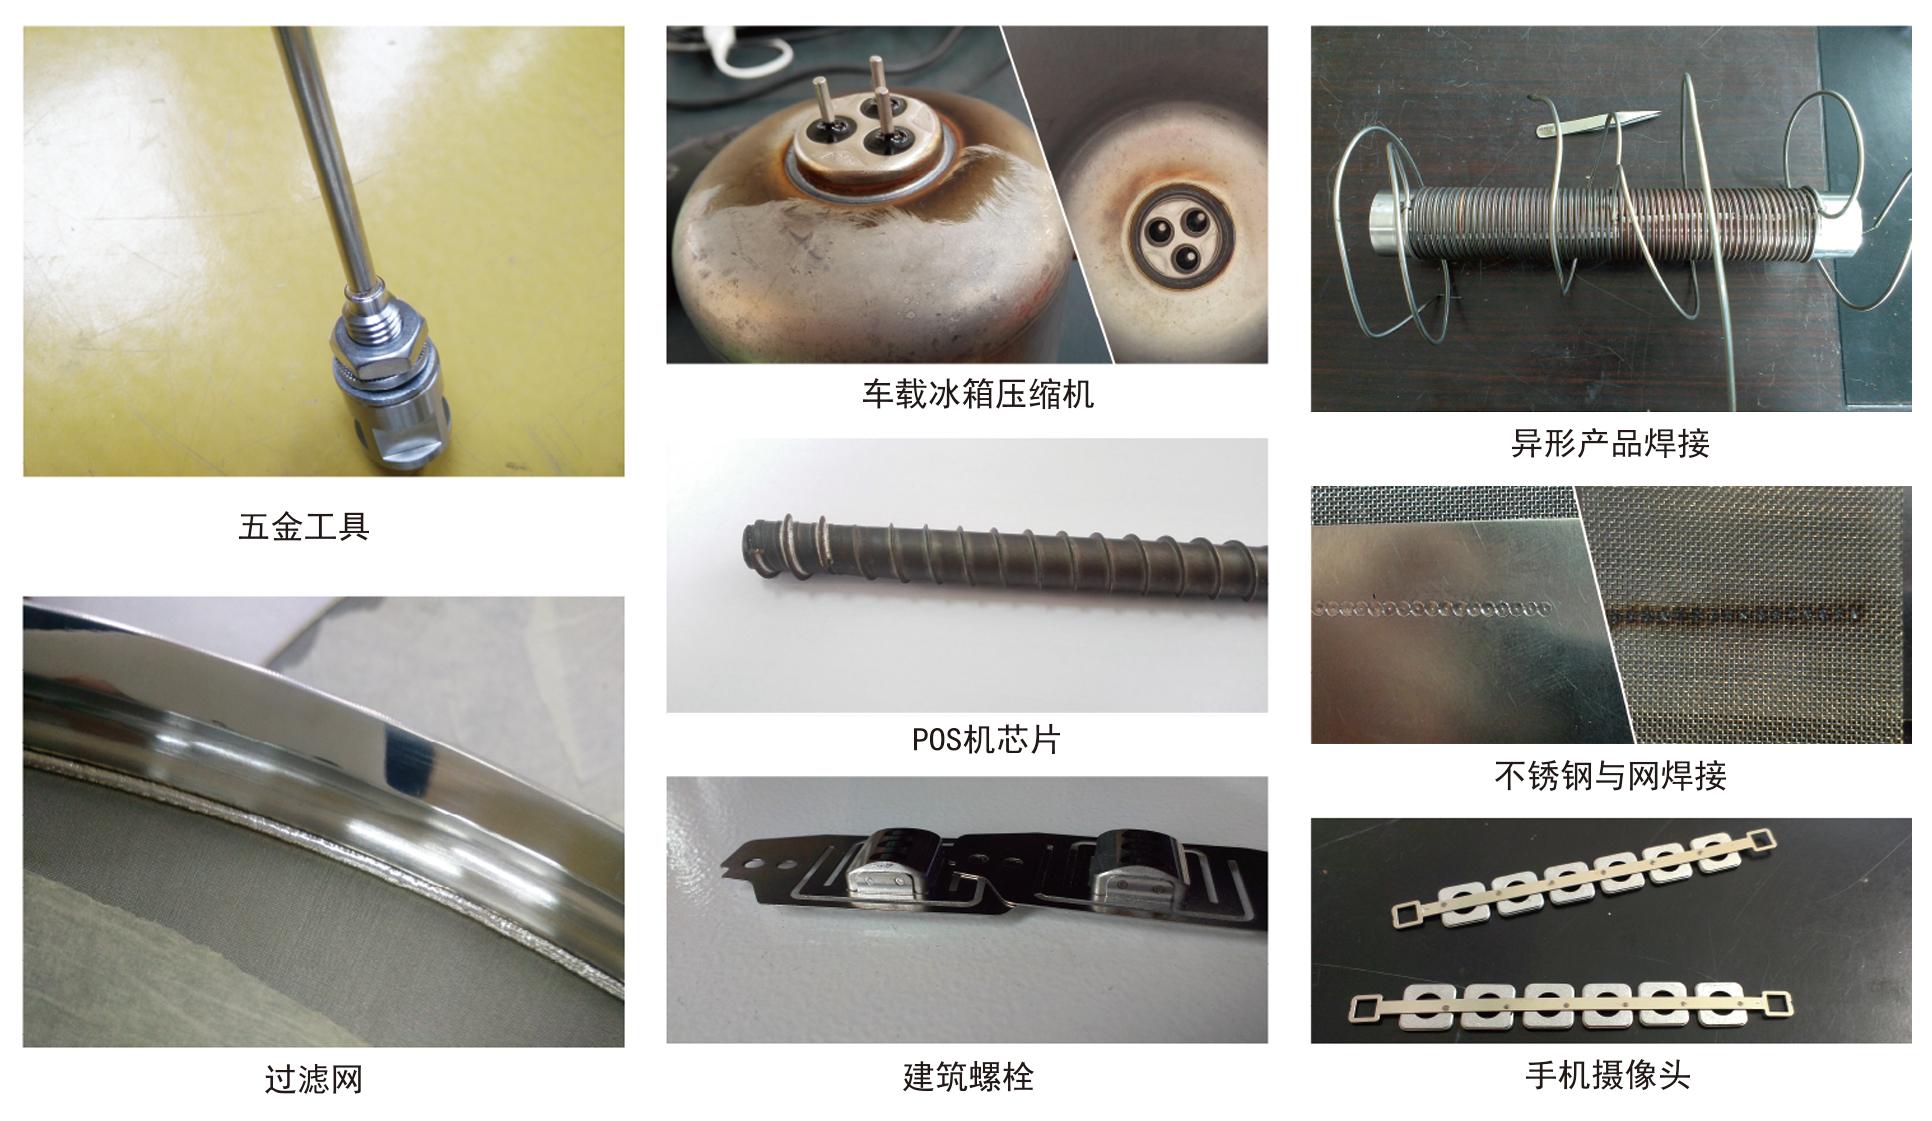 哪些行业适合使用激光焊接机